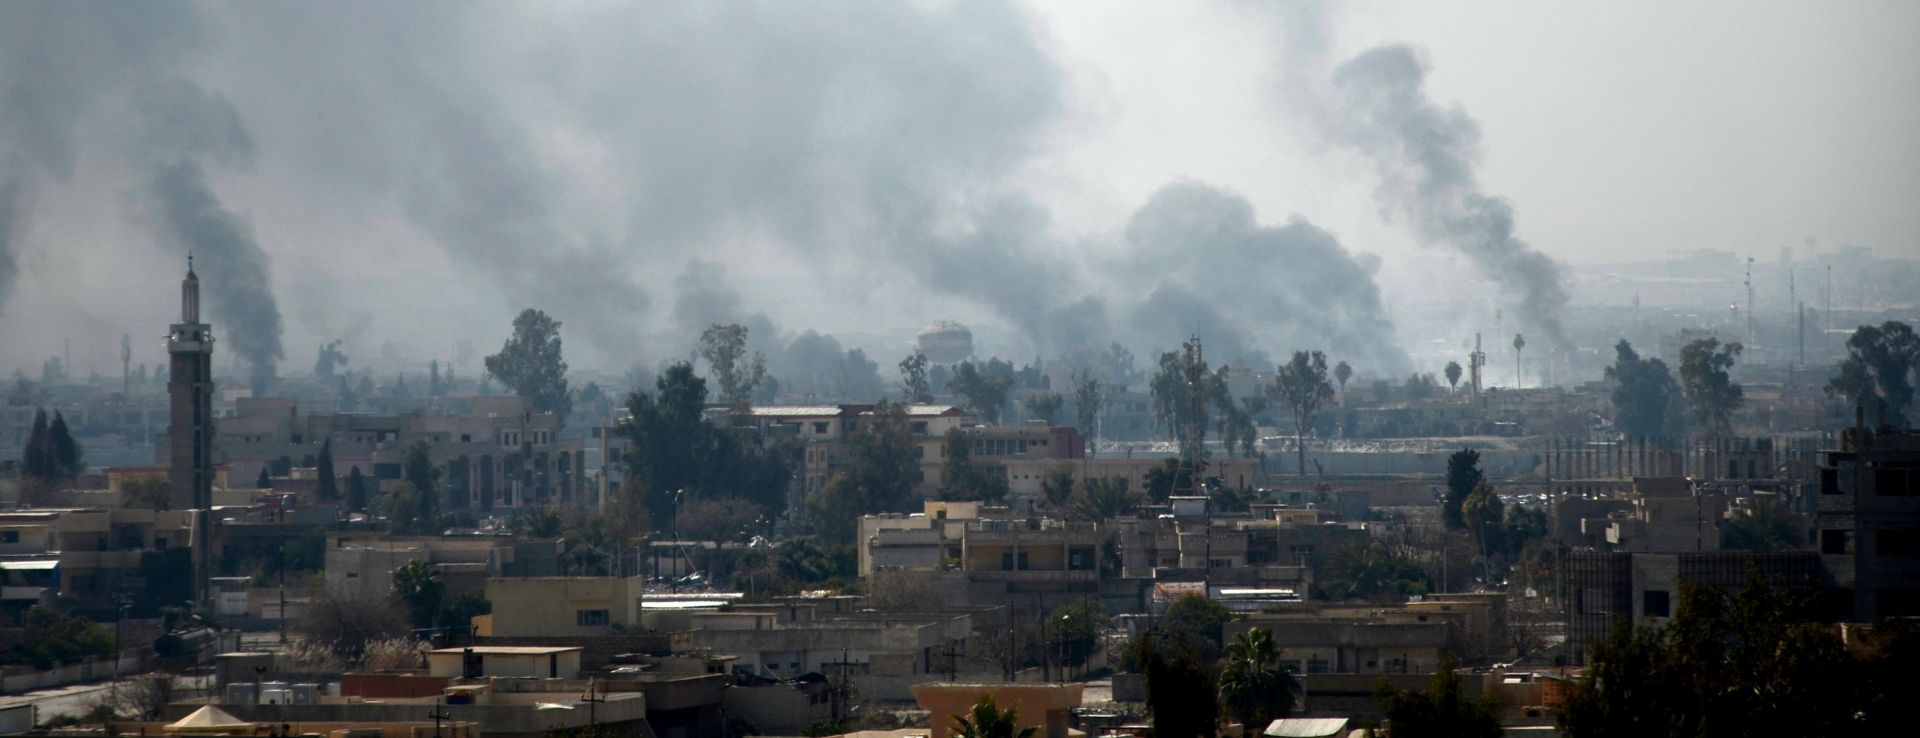 Najavljene milijarde dolara zajmova i ulaganja za obnovu Iraka